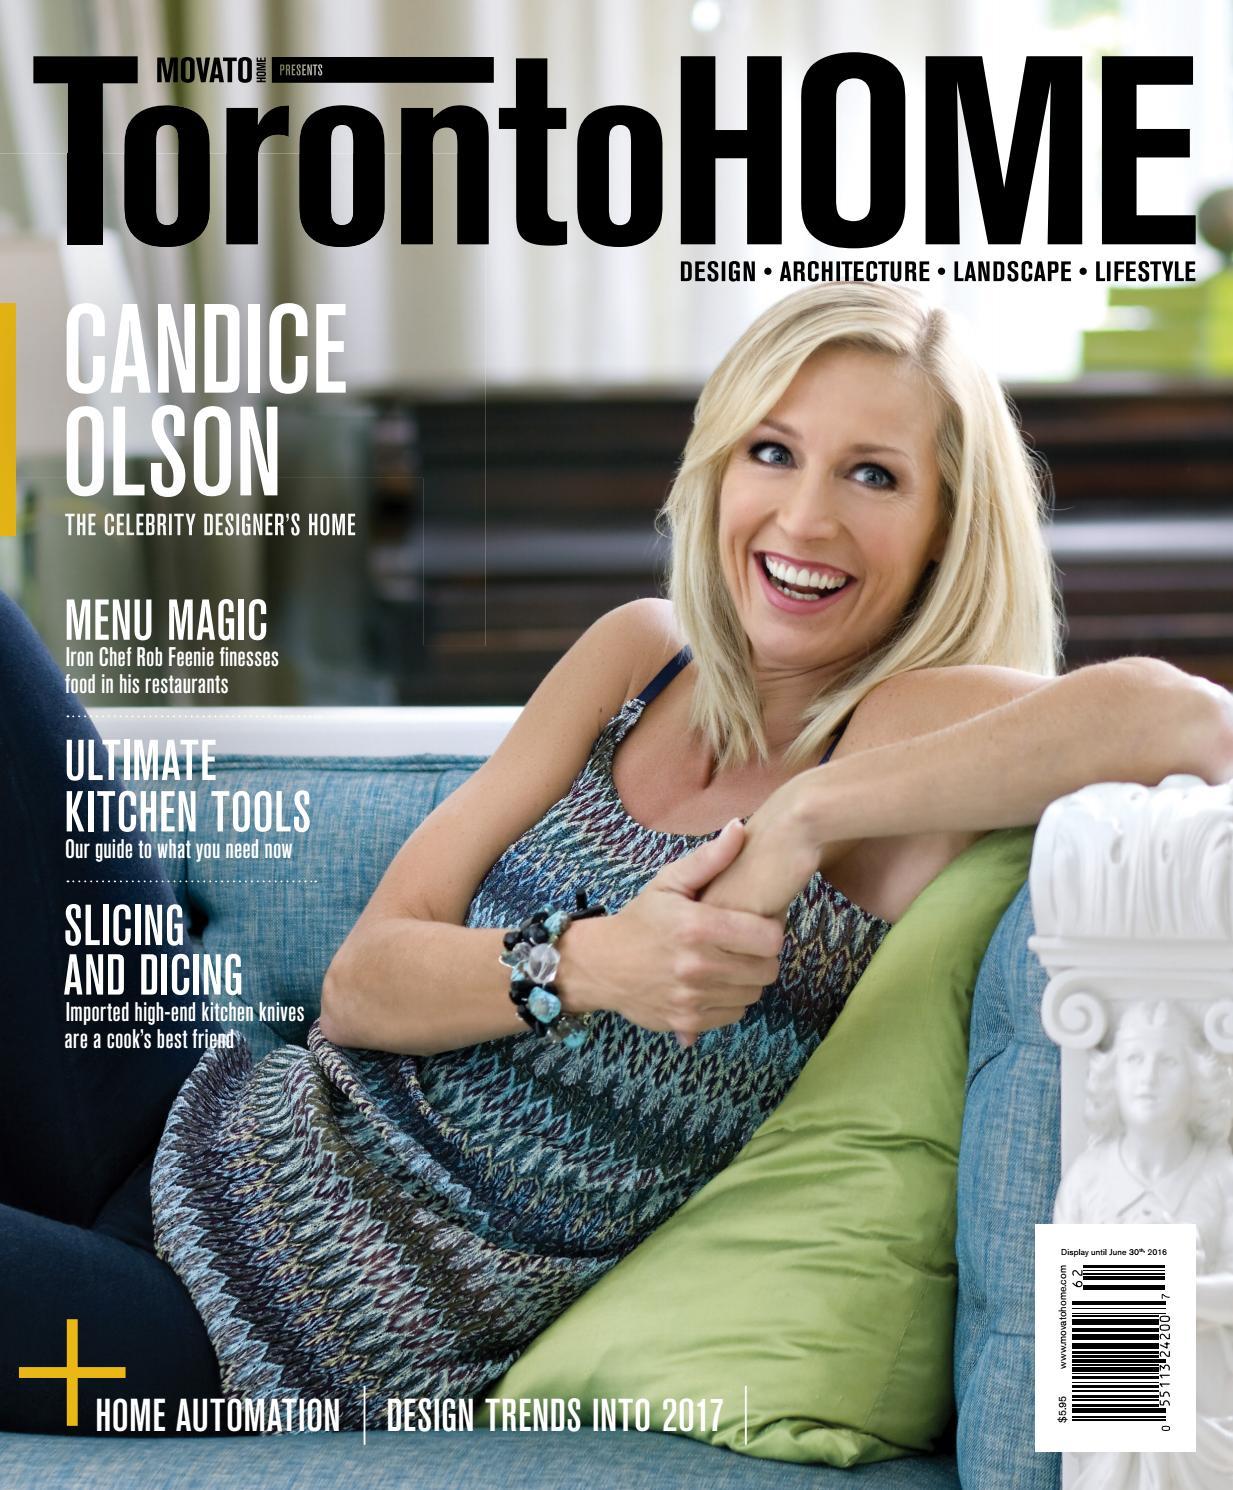 Toronto Home Spring 2016 By Movatohome Design